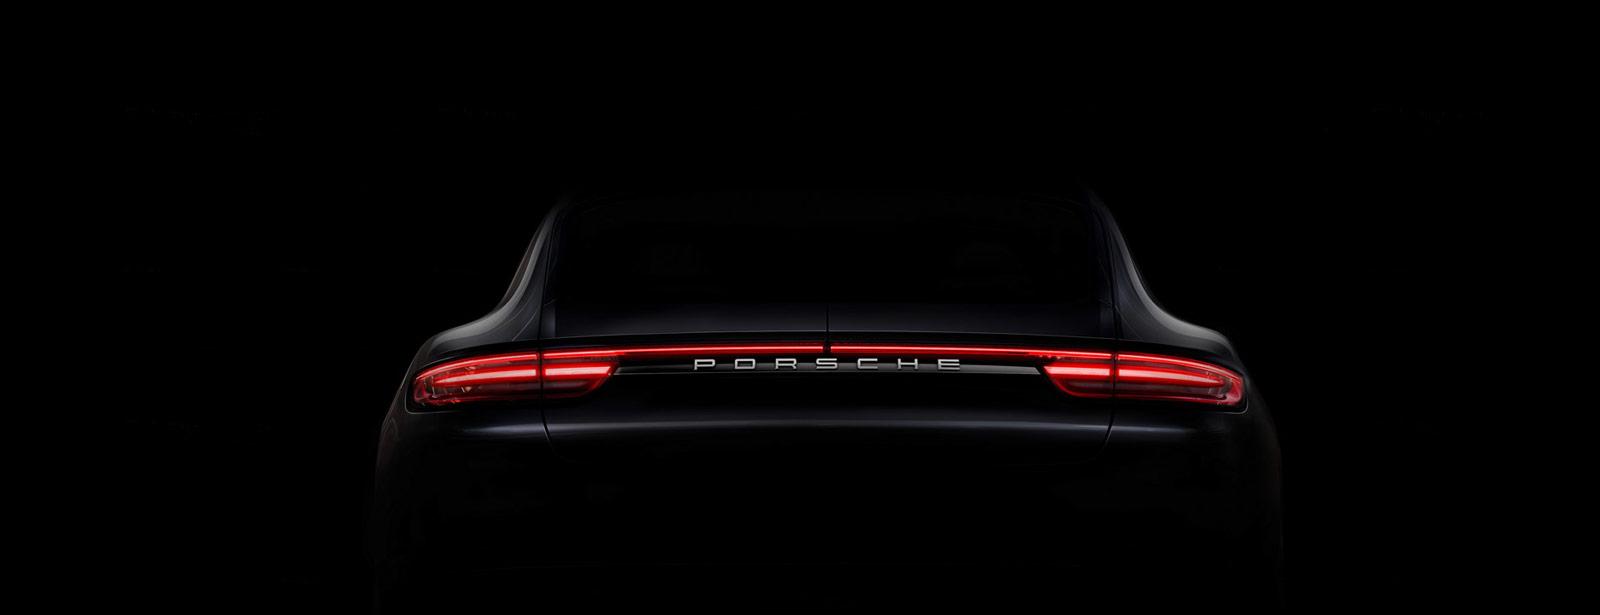 Nadchodzi nowe Porsche Panamera.